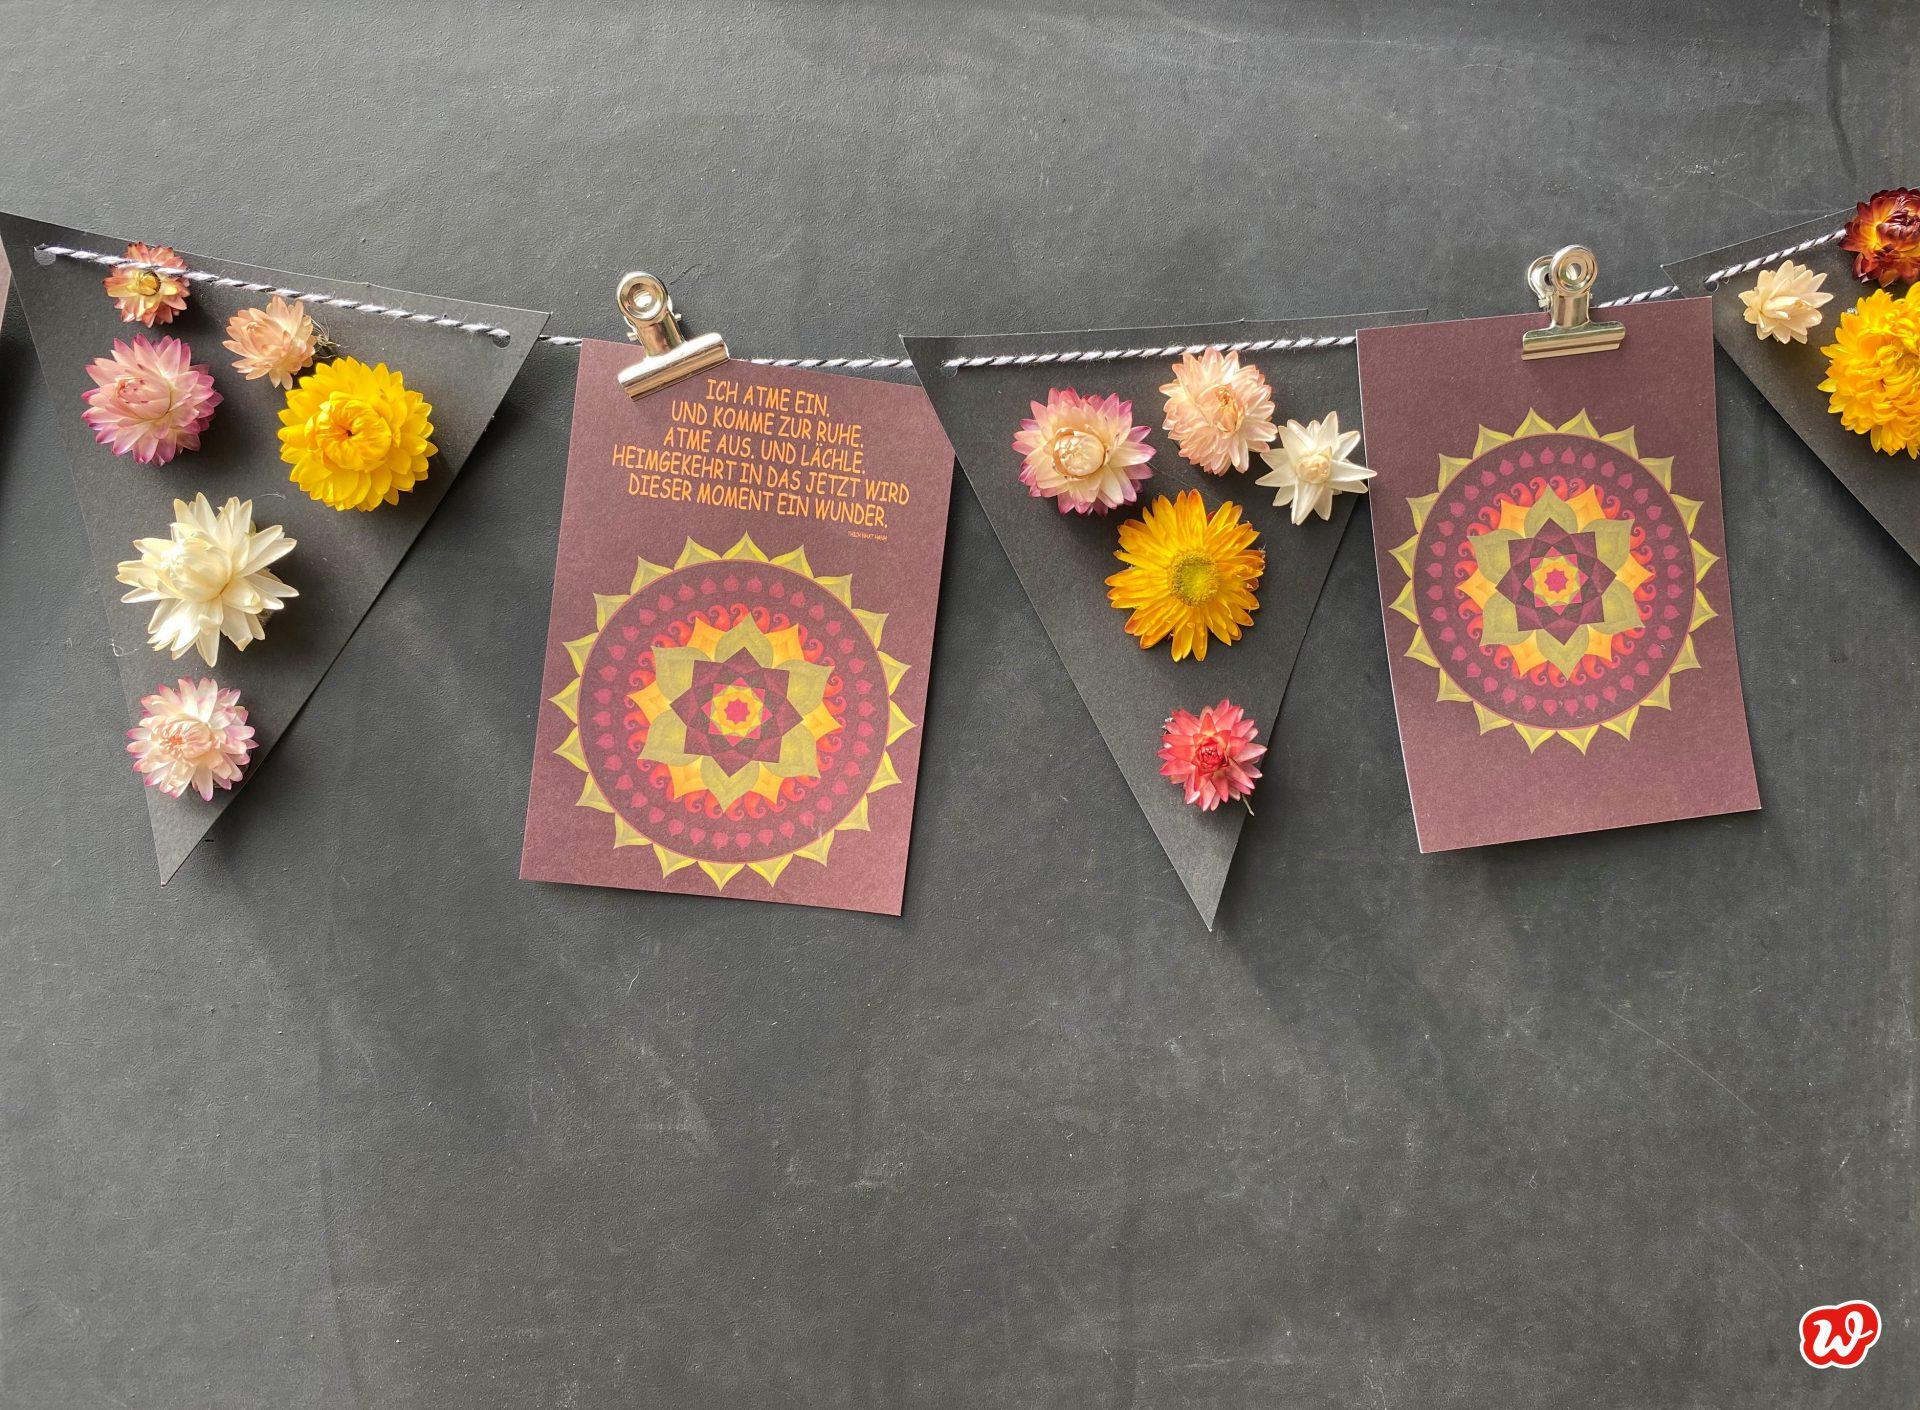 Girlande Wunderle postkarten & Trockenblumenwimpeln